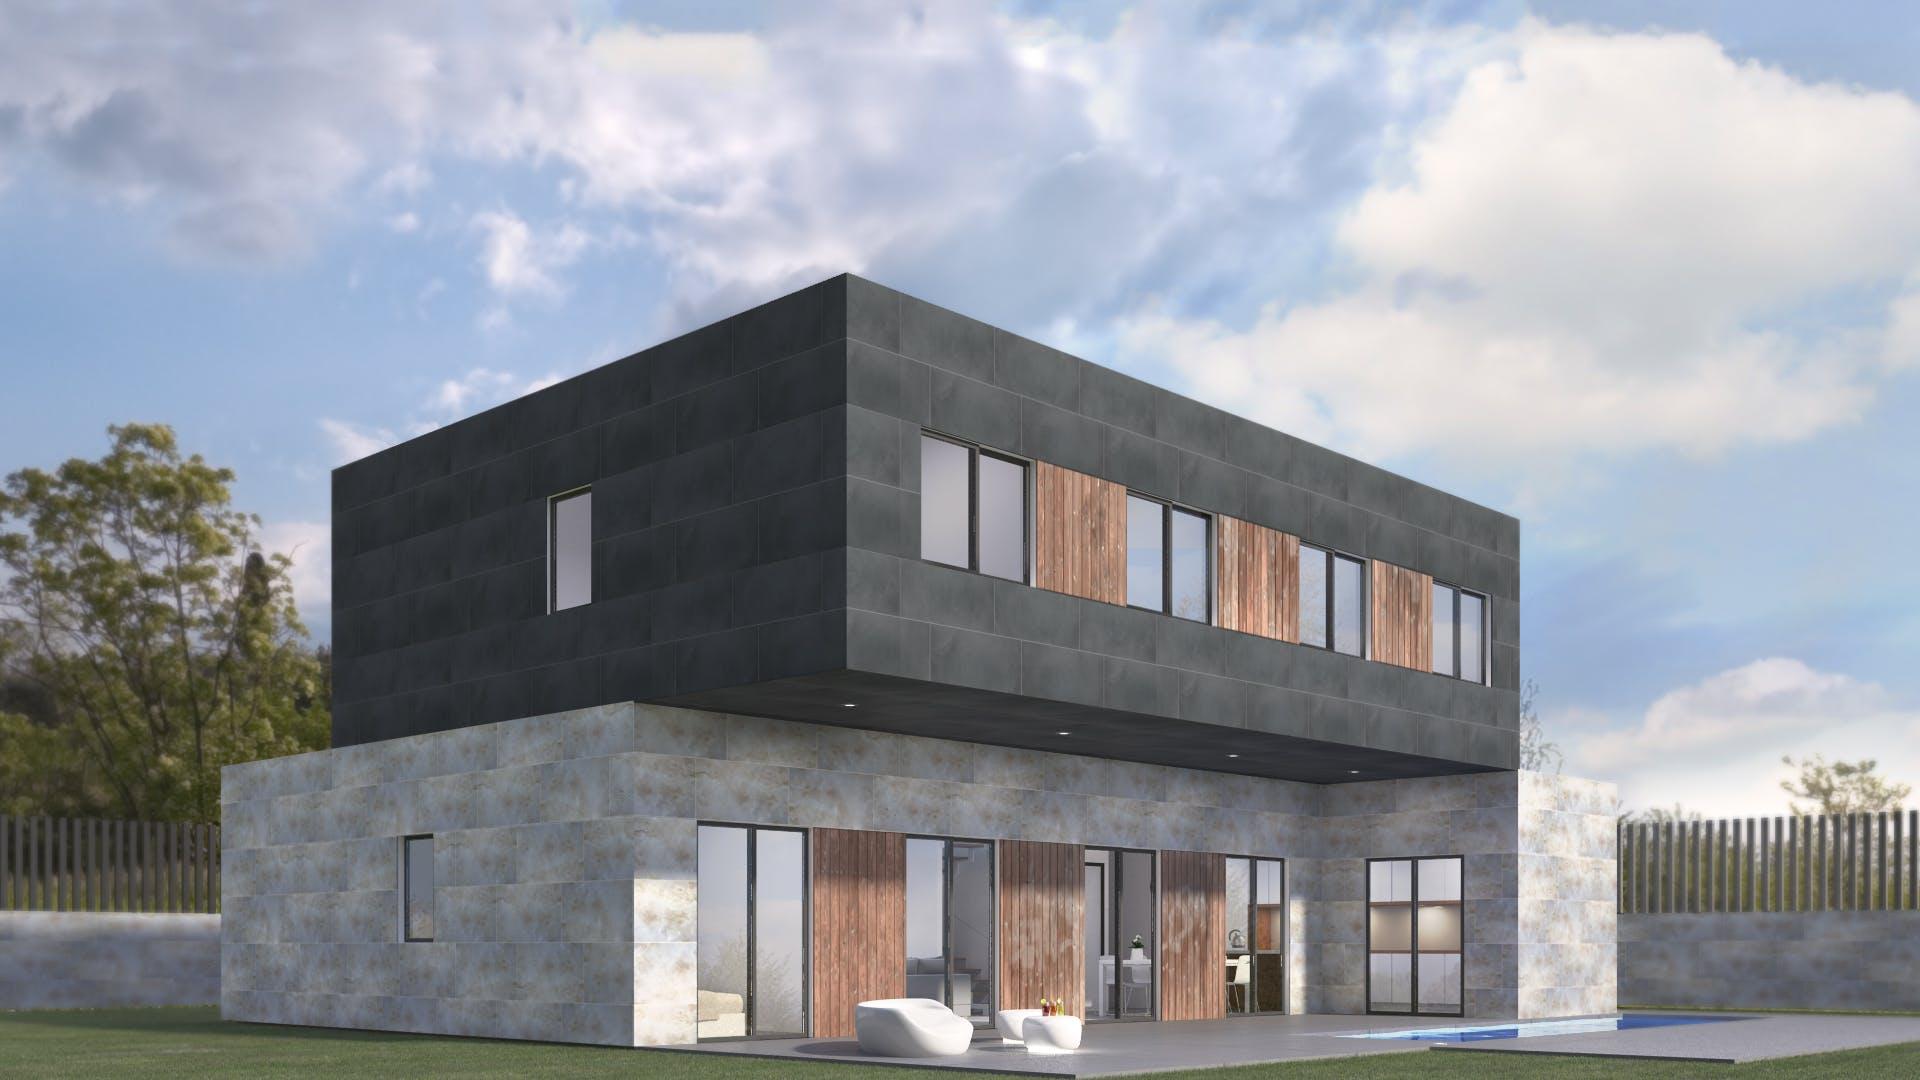 Casas prefabricadas de dise o modelo 5b miguel - Casas diseno prefabricadas ...